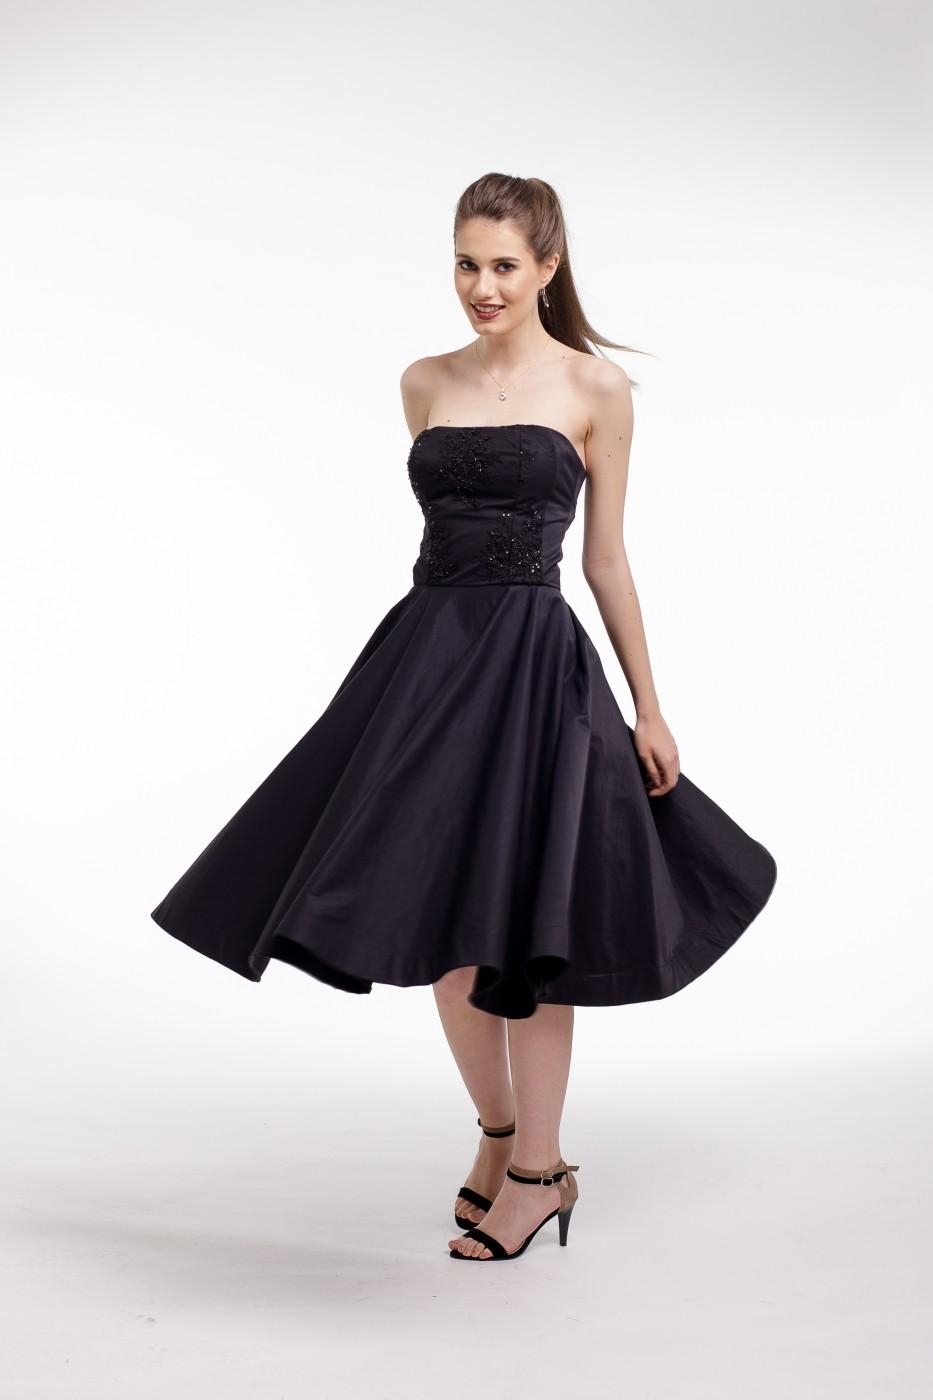 d227cc8475 Rochie de cocktail Couture de Marie midi din tafta neagra si corset cu  aplicatii din dantela